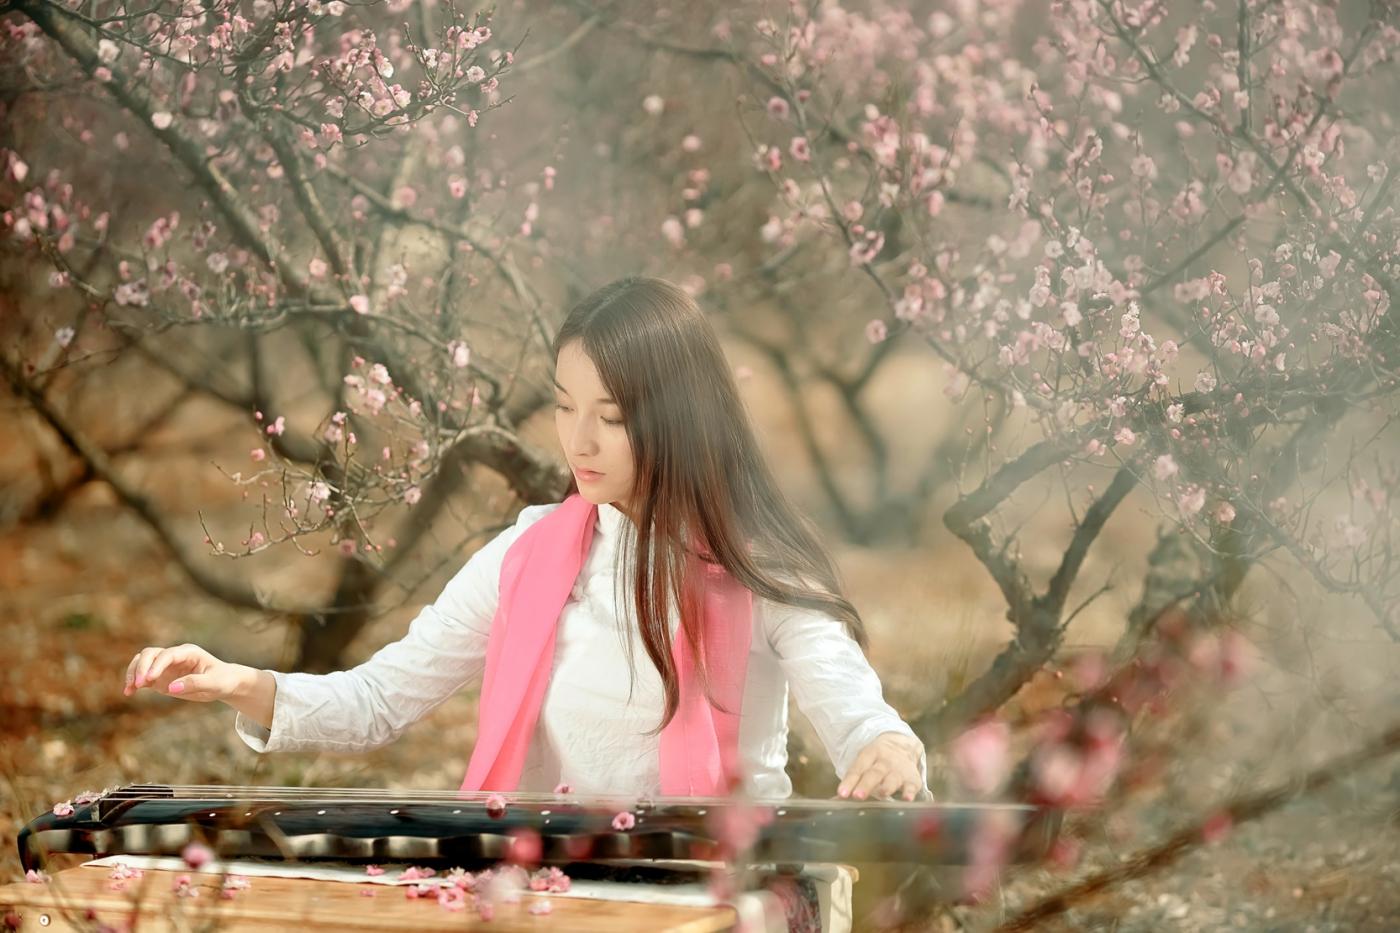 费县的春天从鲜花烂漫的梅林和女孩张诗奇的偶遇开始_图1-11